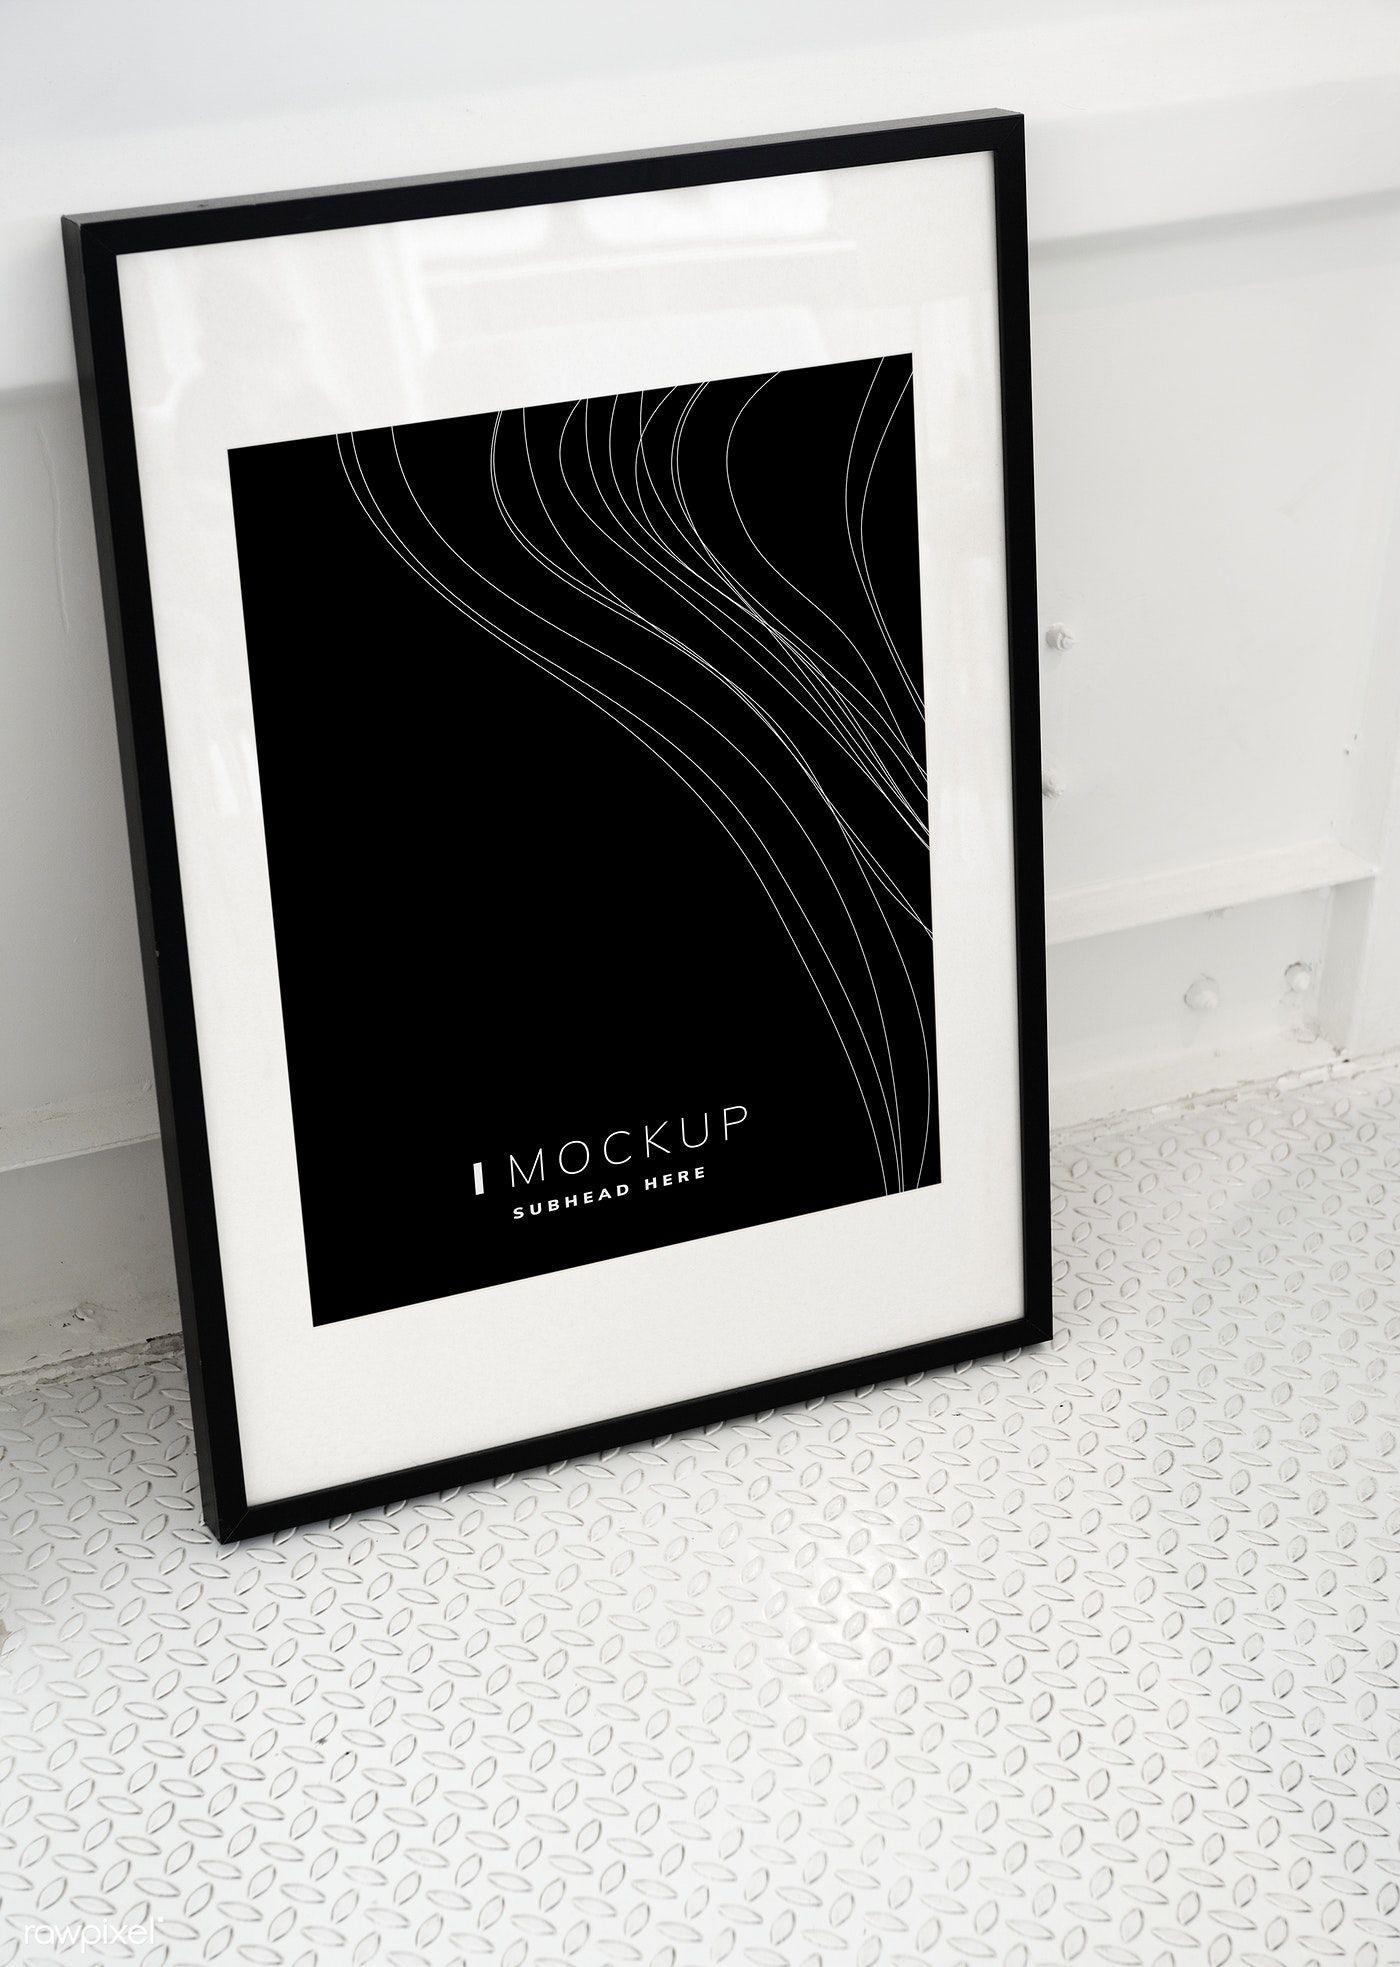 Download Premium Psd Of Black Picture Frame Mockup On The Floor 502803 Kirkland Home Decor Frame Mockups Black Picture Frames